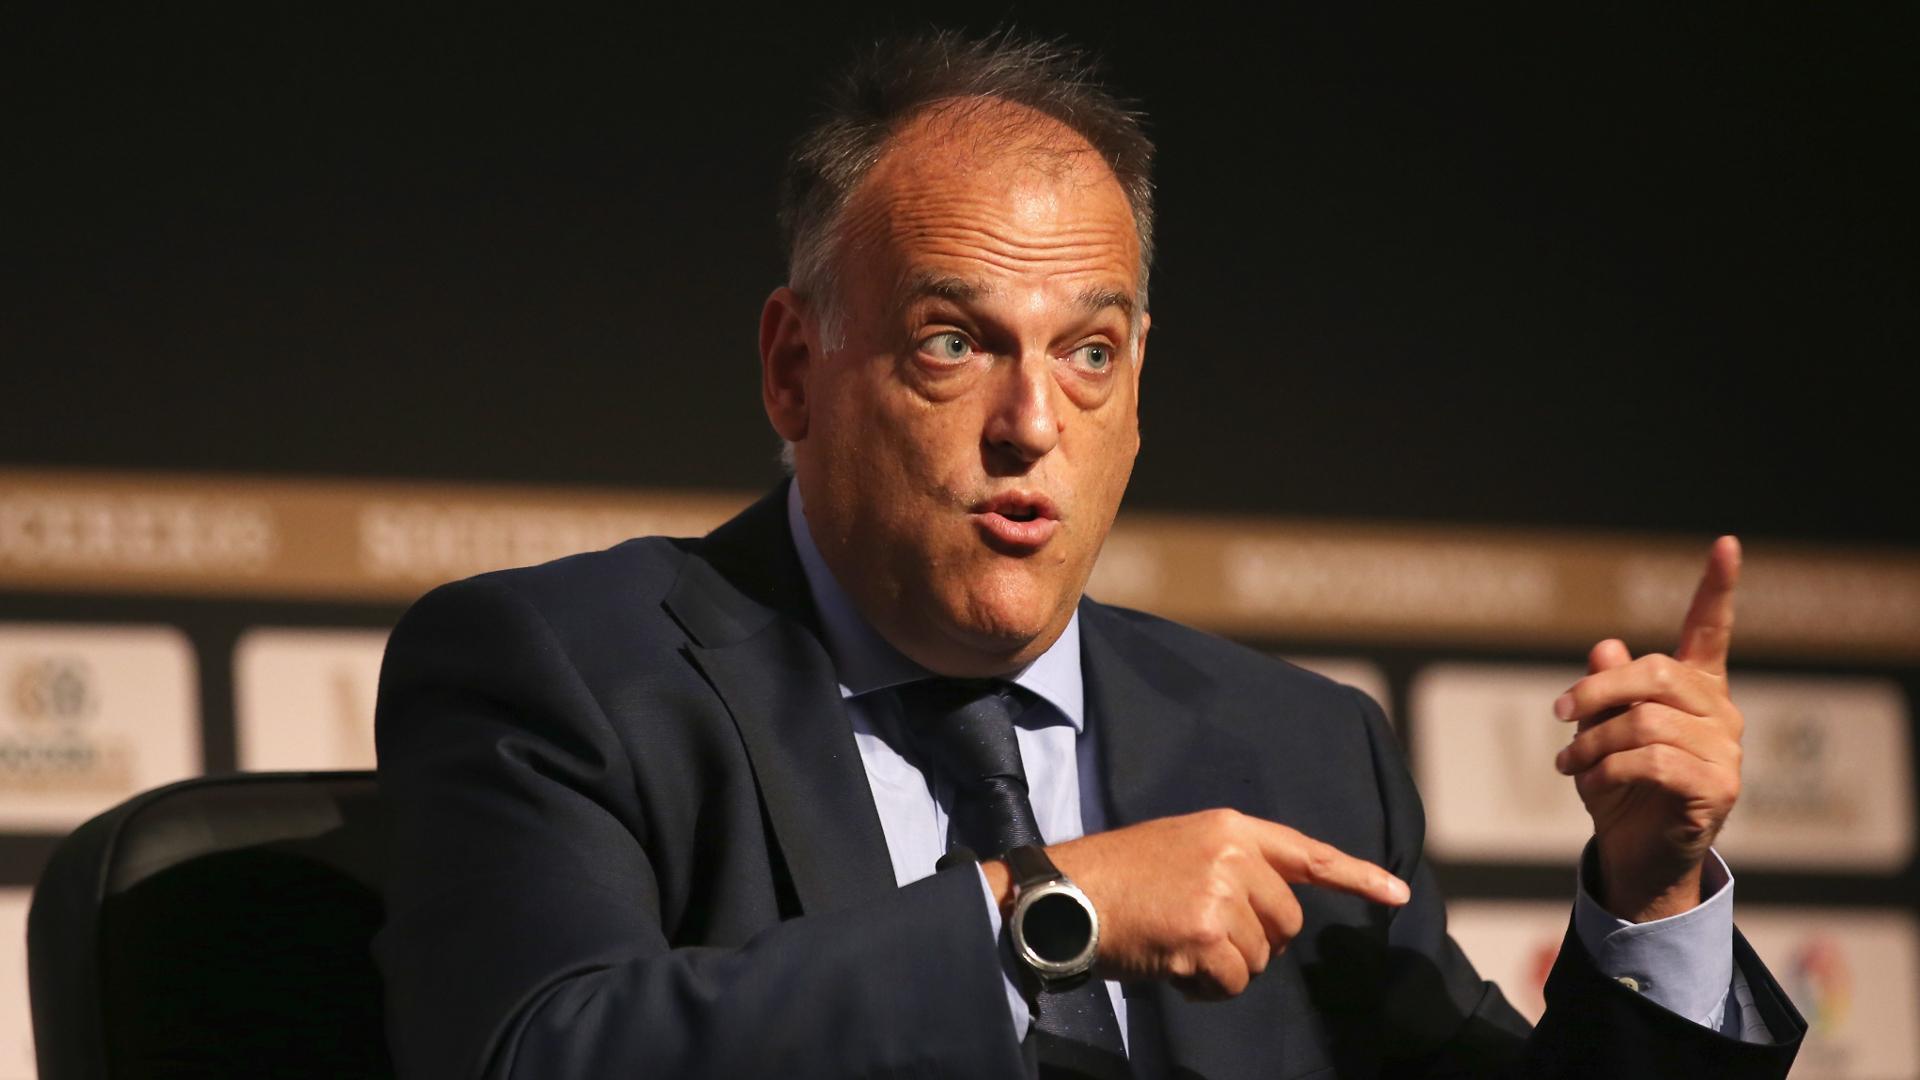 """VIDÉO - Tebas : """"Le football génère 180 000 emplois en Espagne"""""""